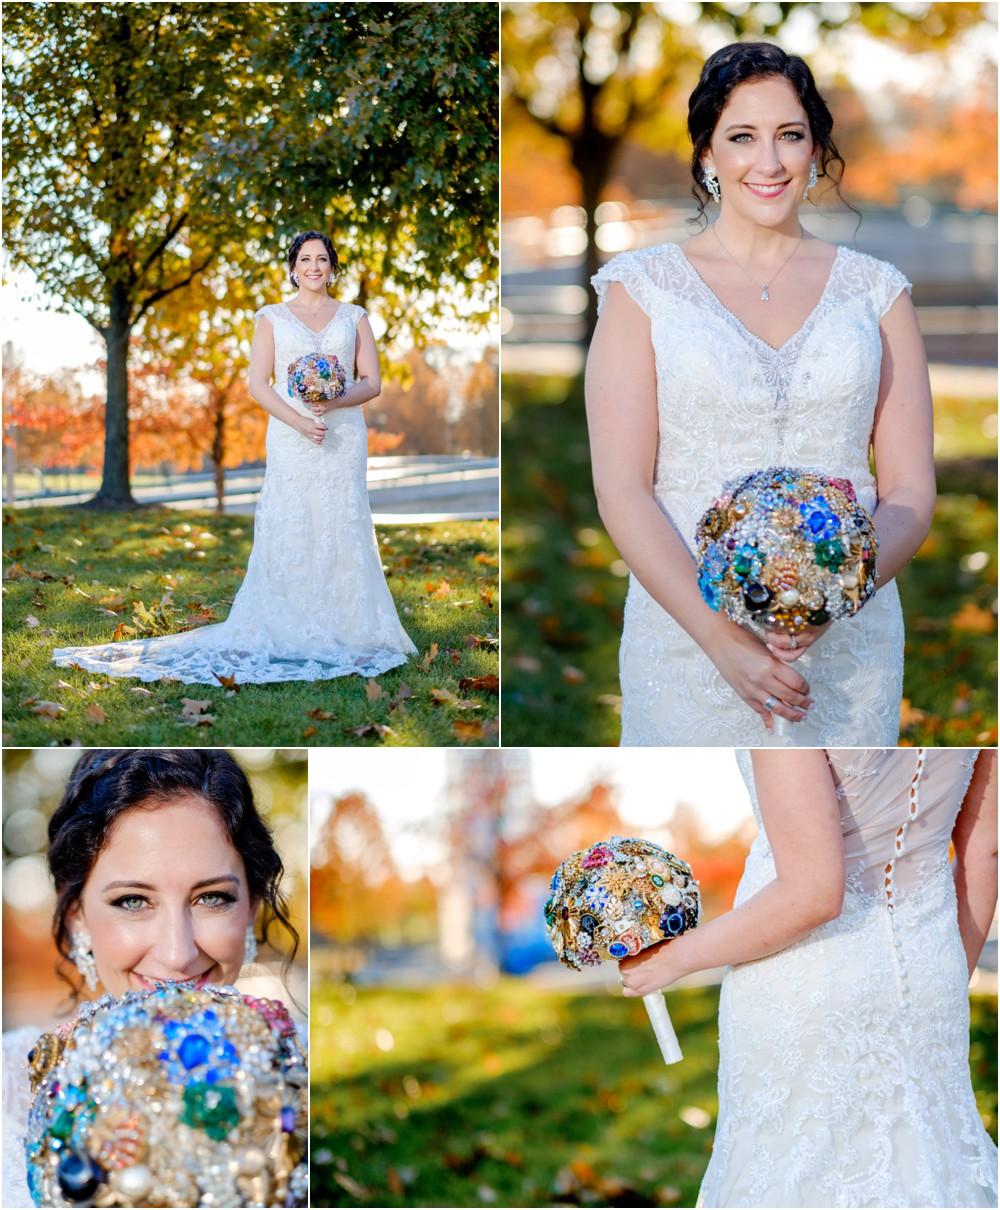 Sahms-Atrium-Wedding-Pictures_0012.jpg